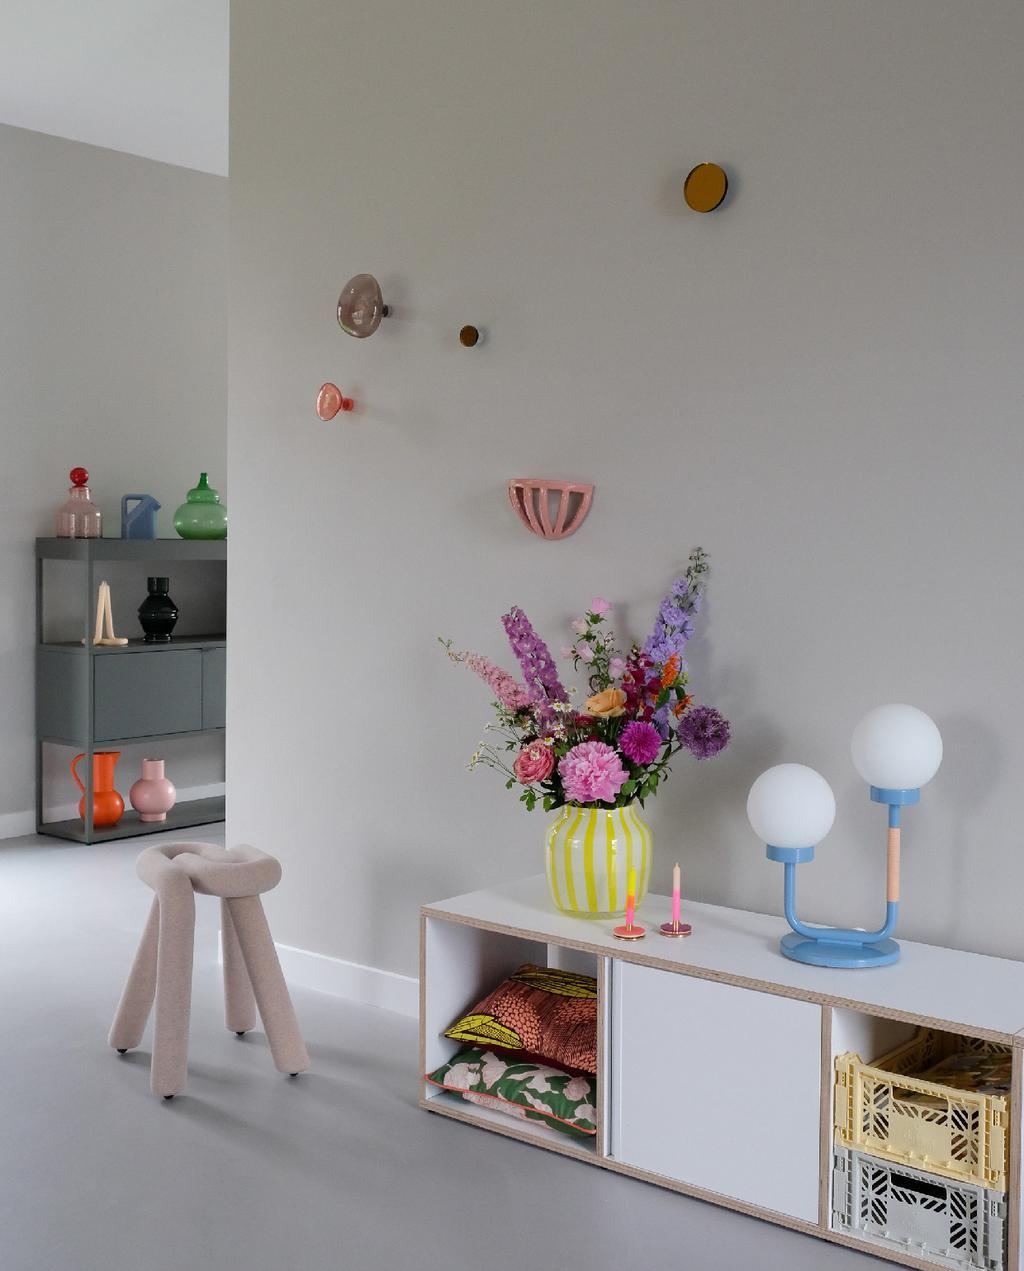 vtwonen blog PRCHTG | nieuwe aanwinsten design gele hay vaas en blauwe lamp